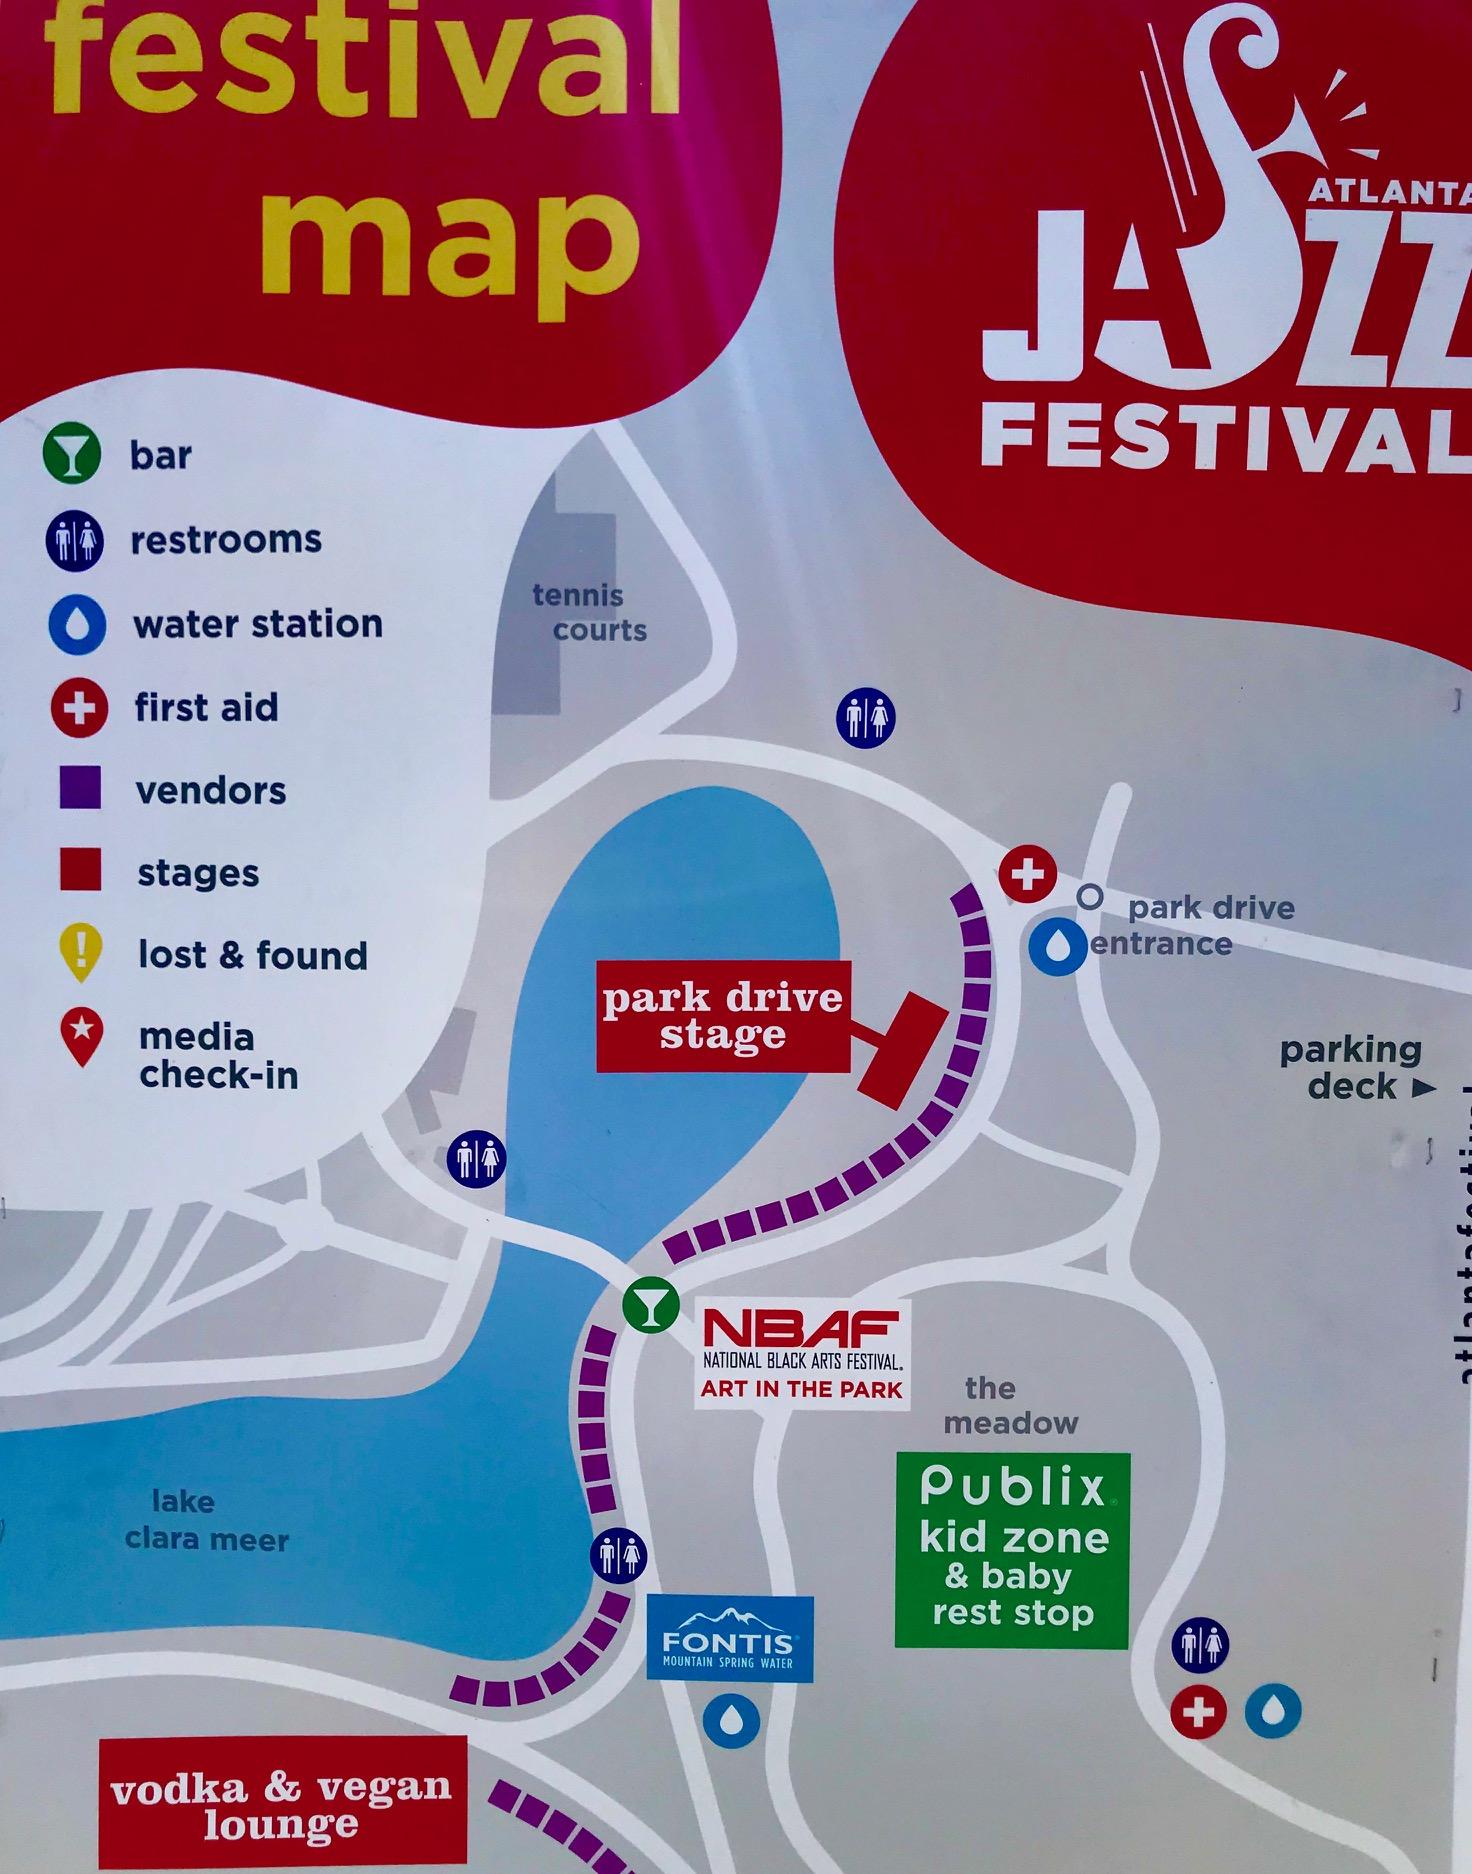 JazzFest2019_02